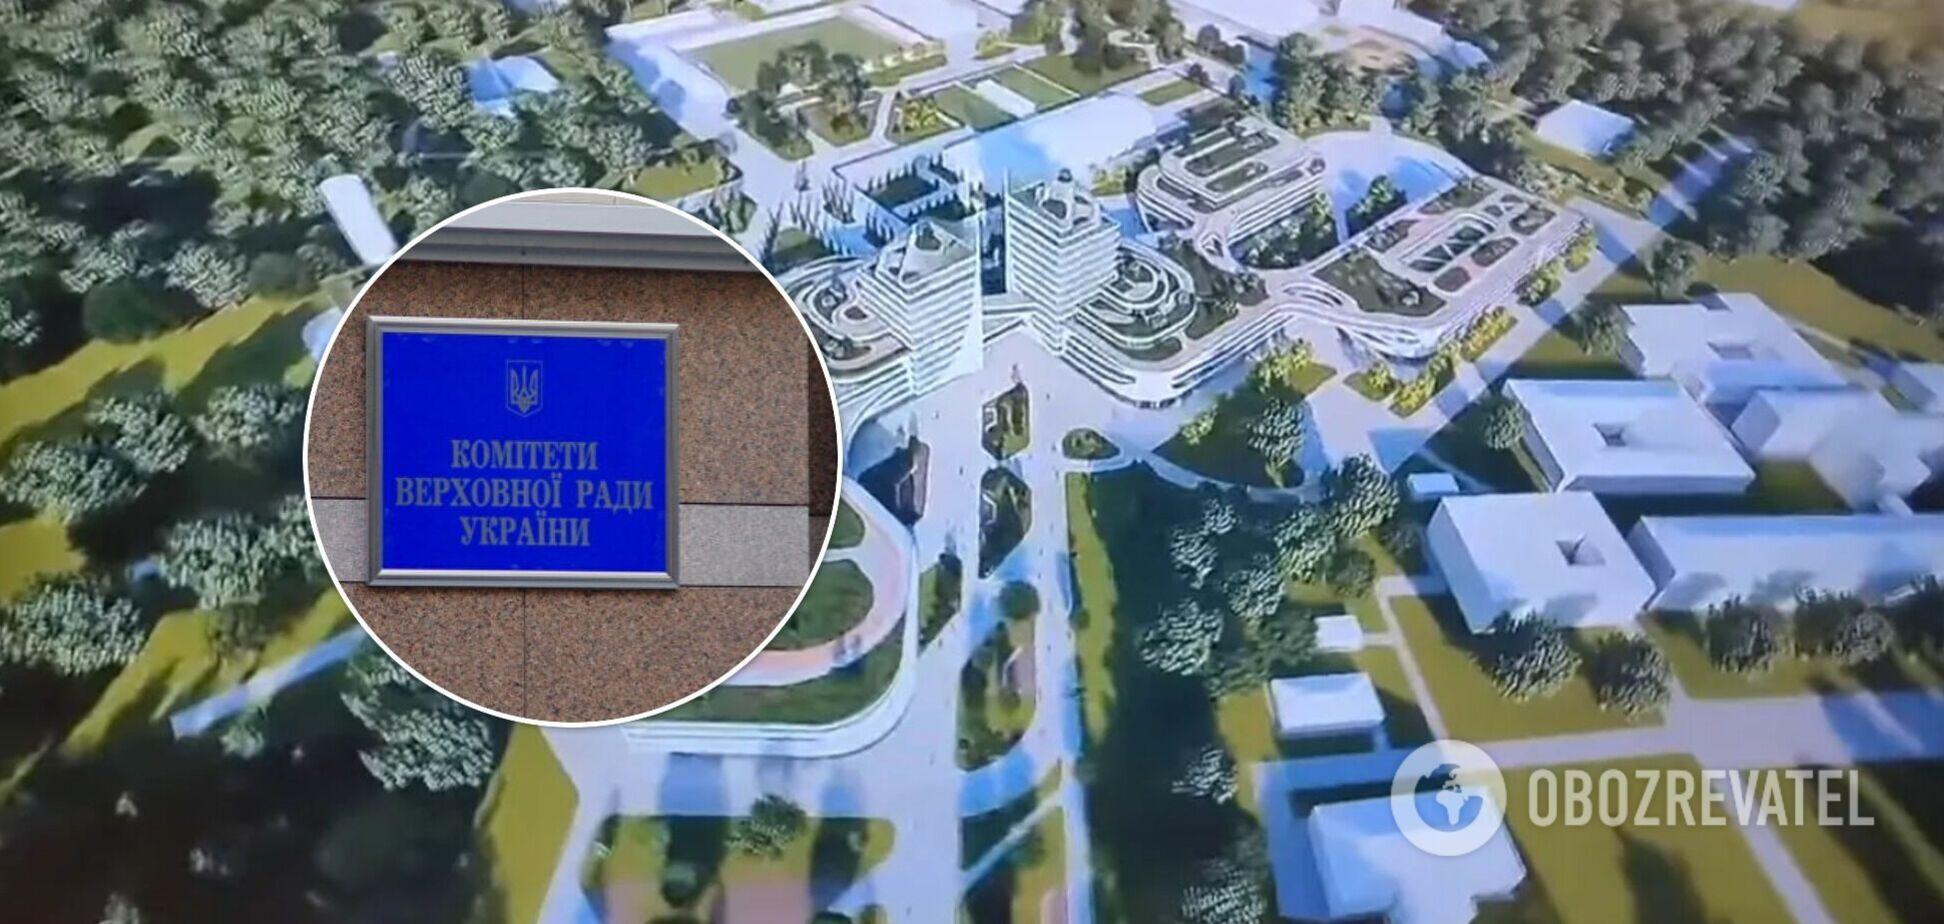 Комітет Ради схвалив перше фінансування Президентського університету: озвучено суму